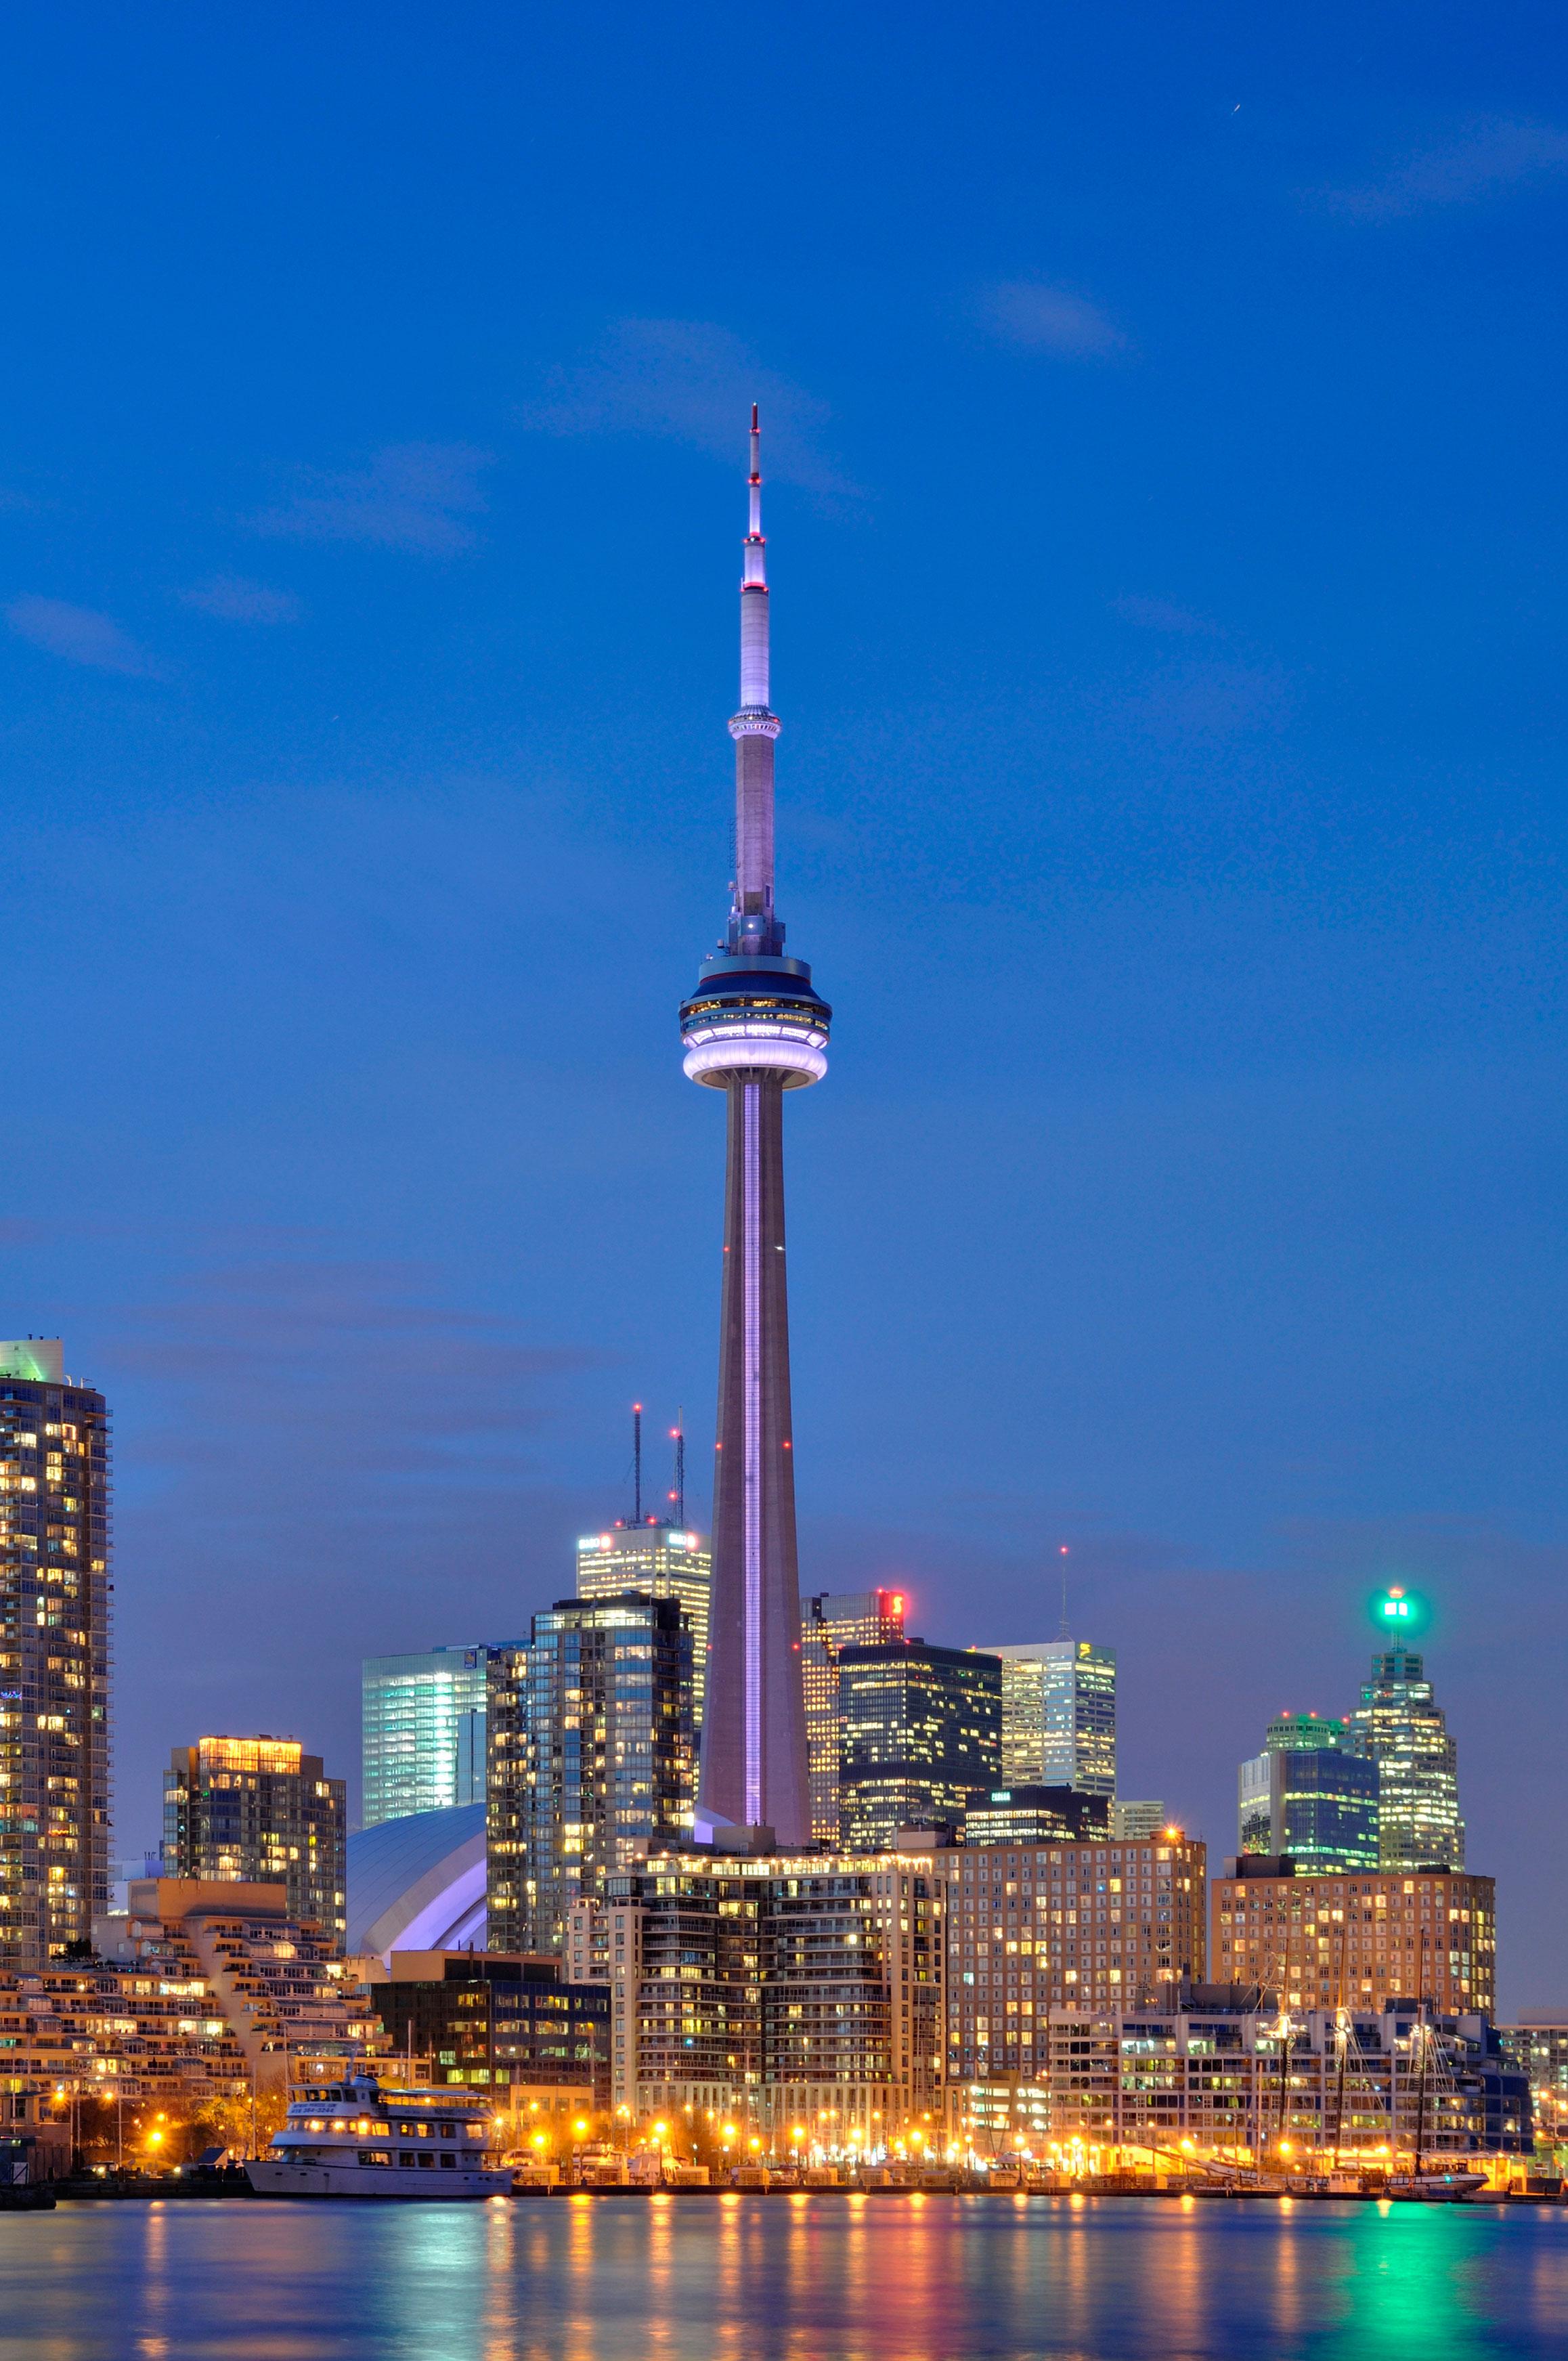 ¿Ganas de viajar en otoño?, visita Toronto